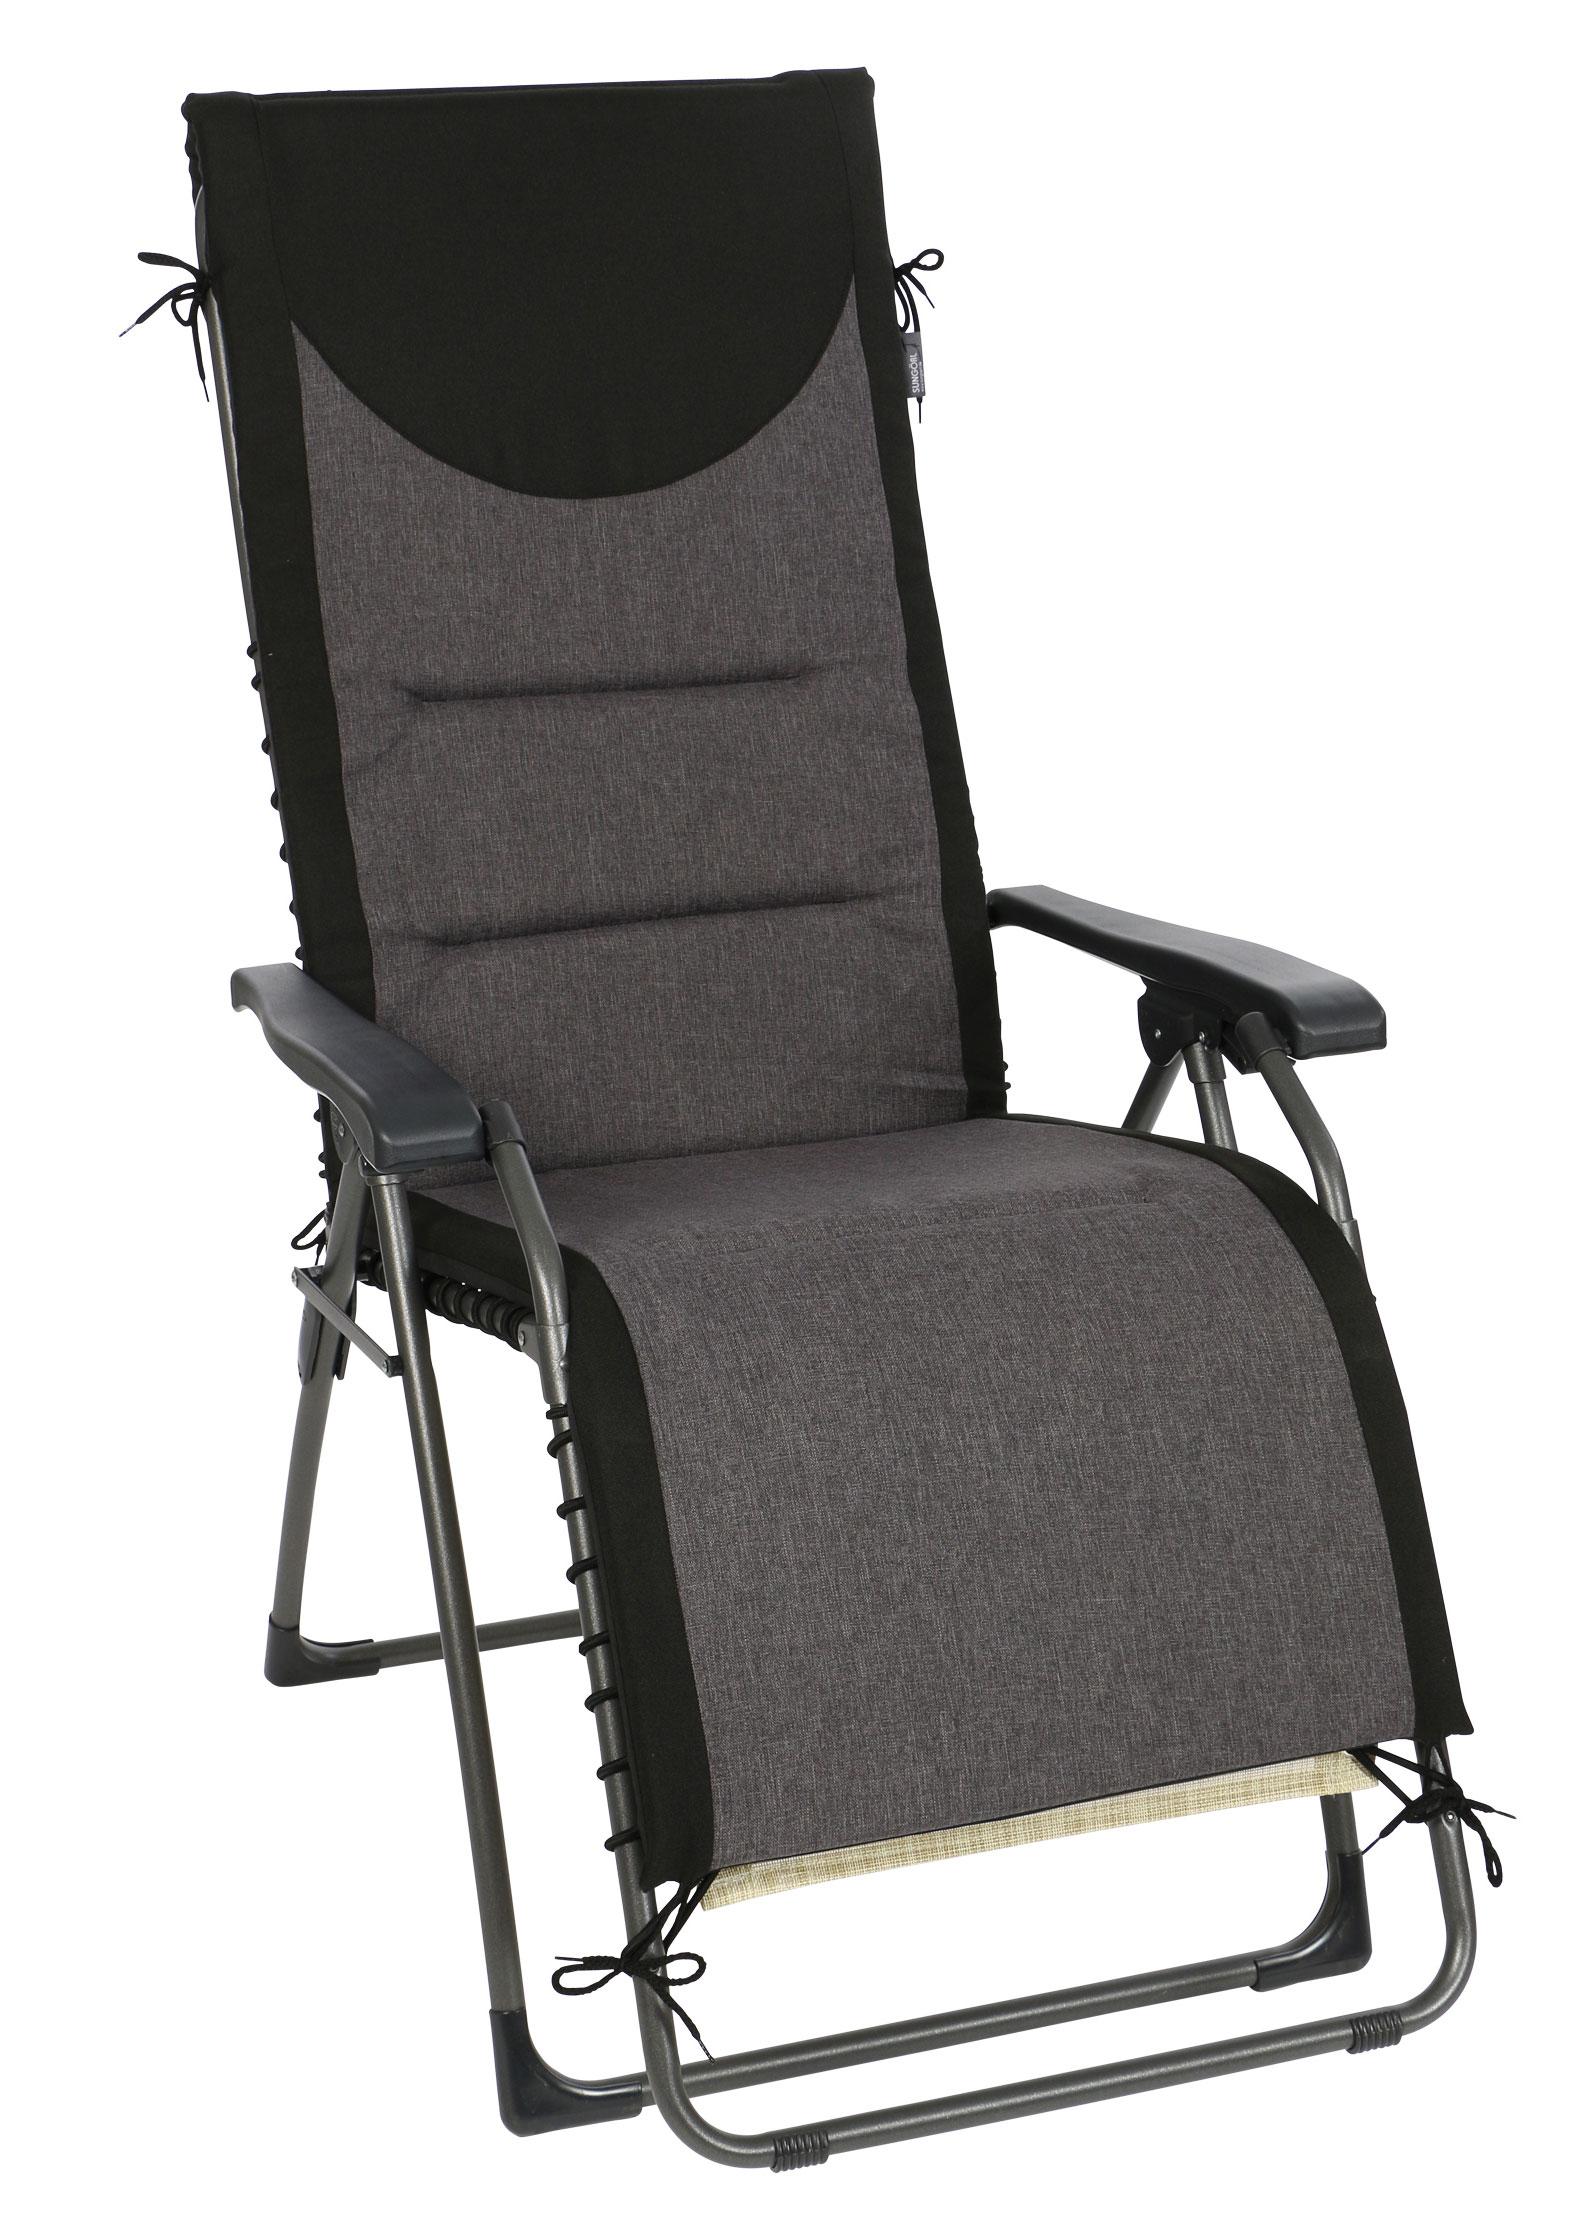 sung rl polster auflage f r relaxliege oasi schwarz anthrazit bei. Black Bedroom Furniture Sets. Home Design Ideas